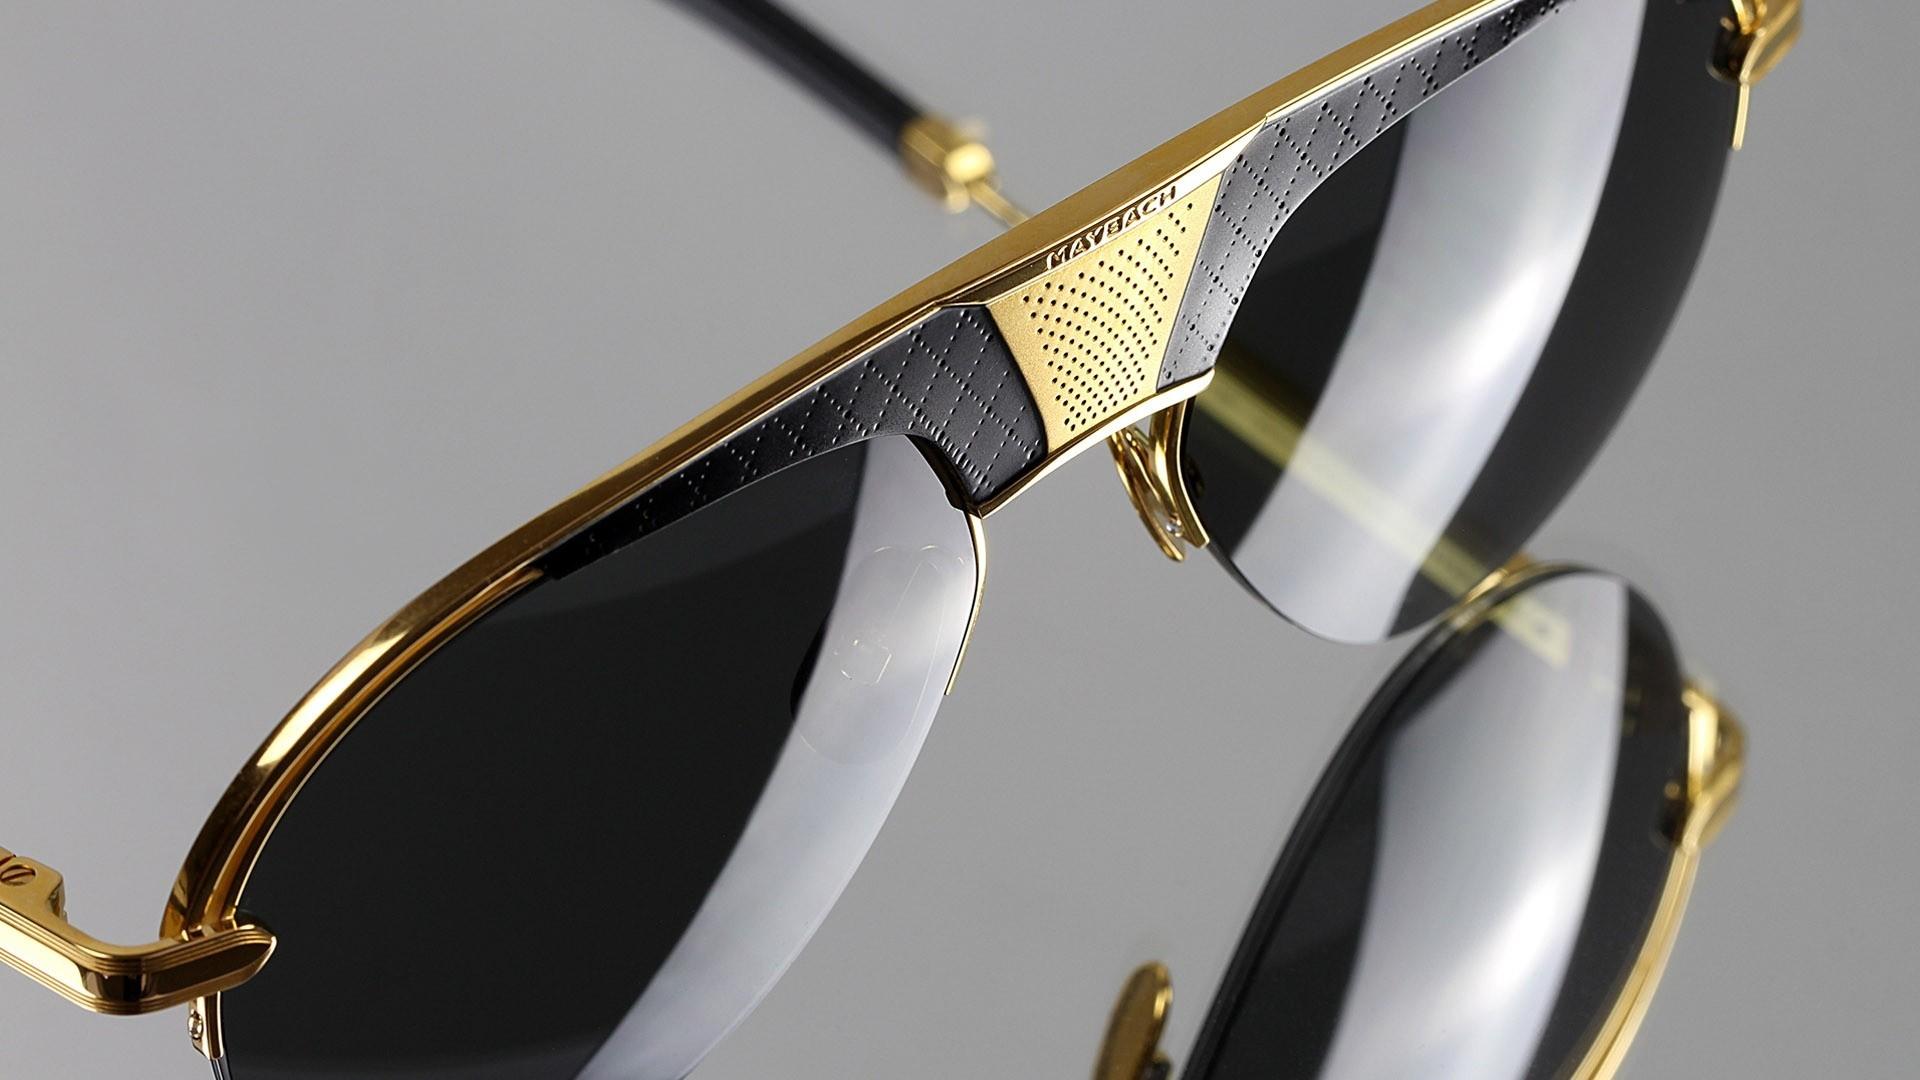 Nahaufnahme von einer Maybach Sonnenbrille mit goldenen Details.